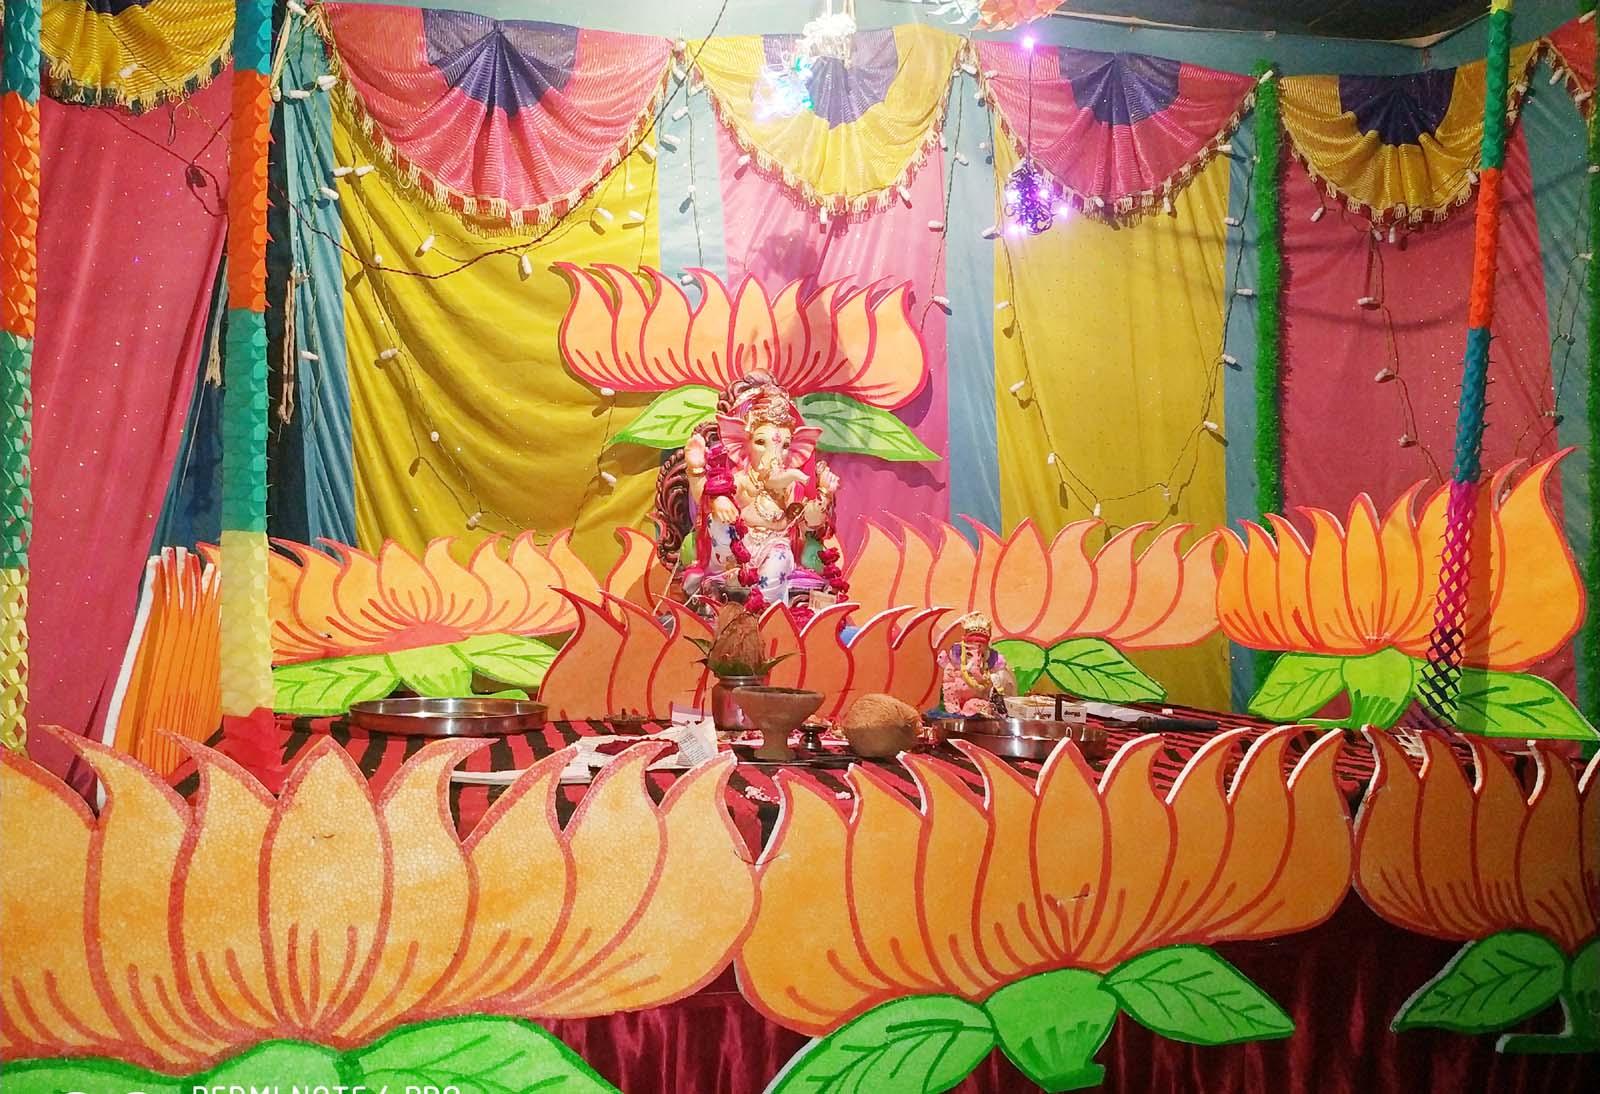 Jhabua News- नगर में हर तरफ विघ्नहर्ता श्री गणराजा की धूम, गणेश उत्सव के चलते हो रहेे कई आयोजन